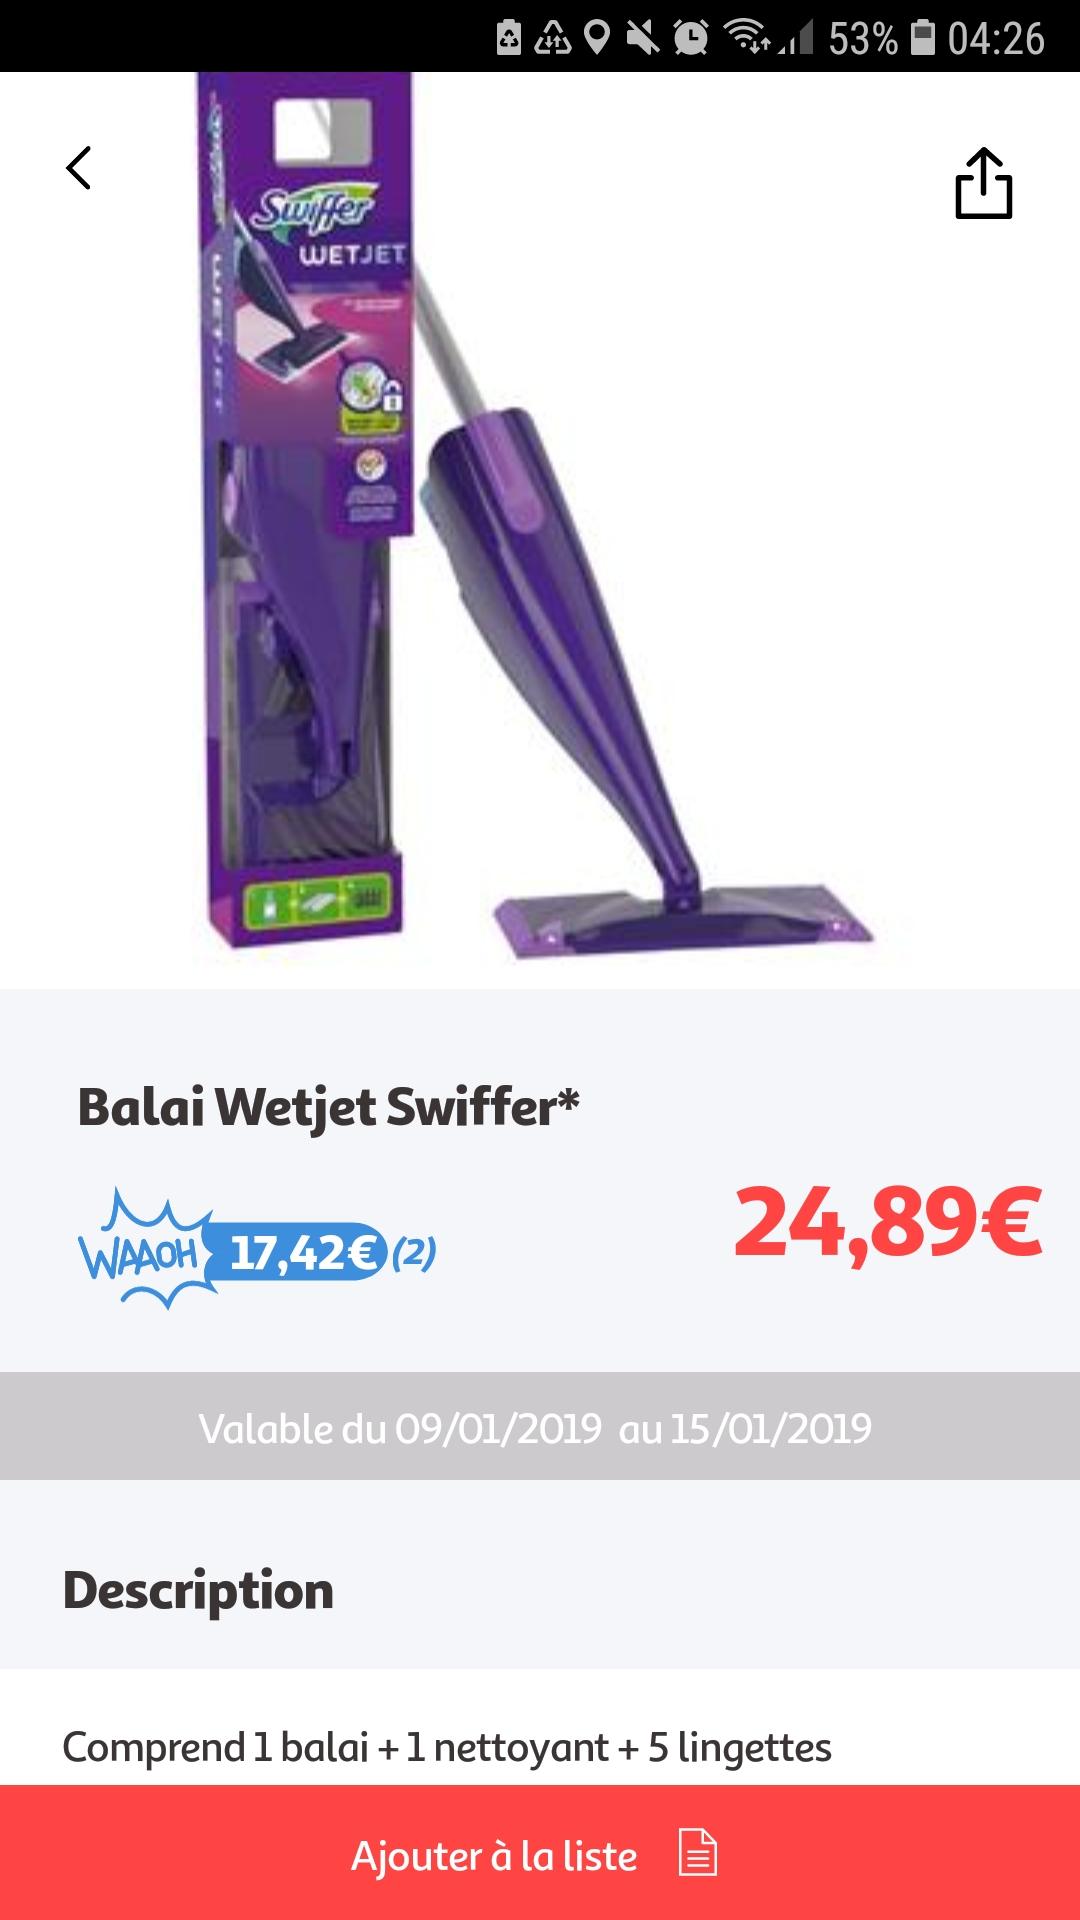 Balai Swiffer Wetjet Accessoires Via 1742 Sur La Carte